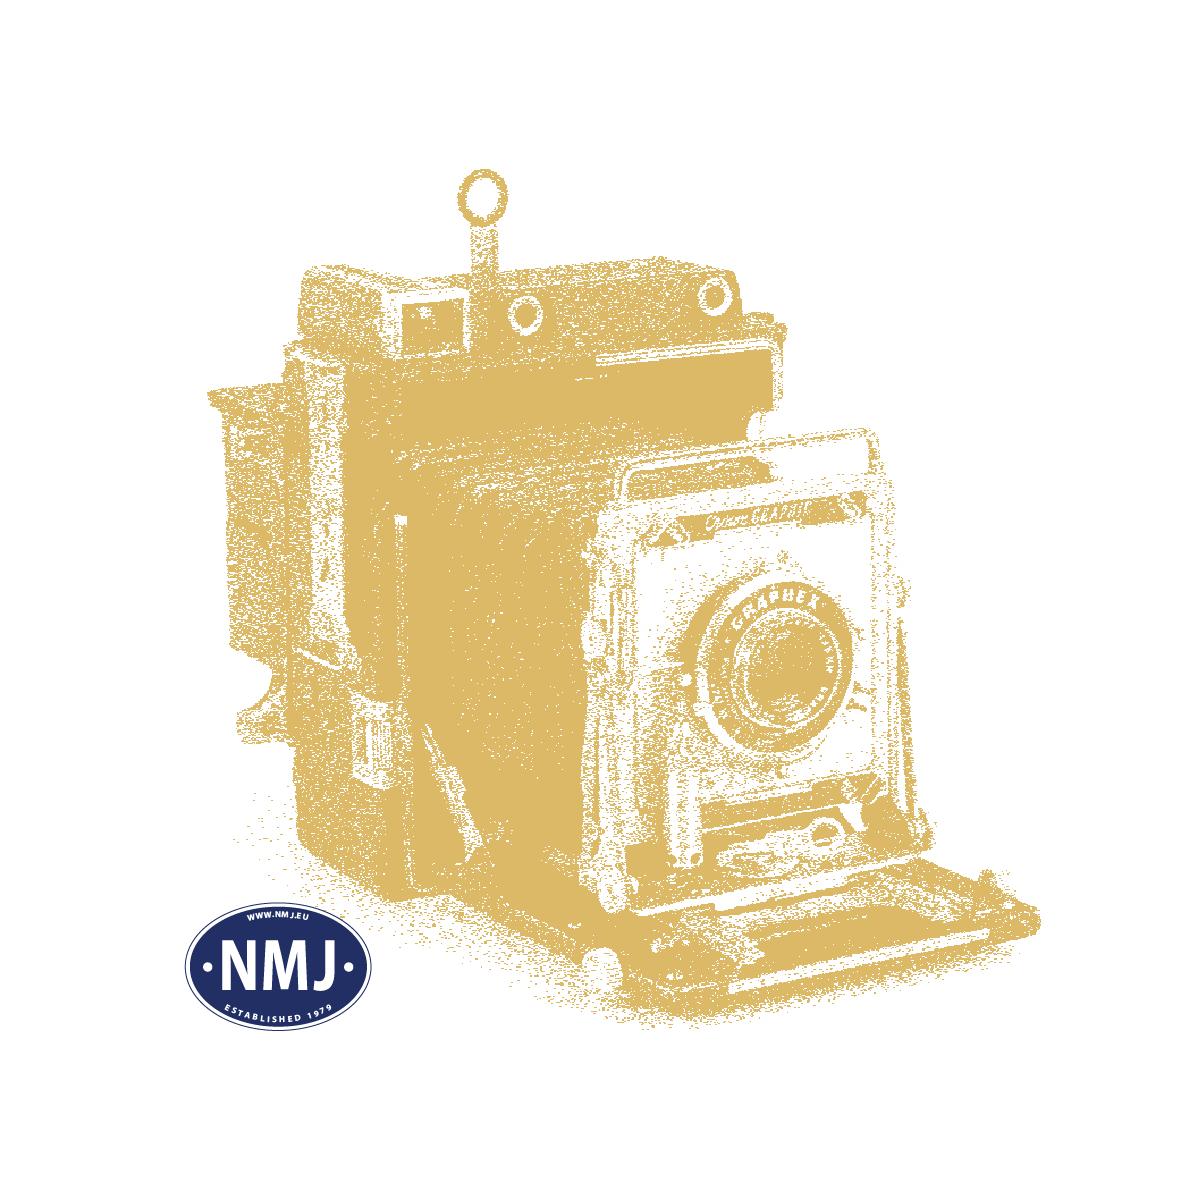 """NOC60314 - Strukturplate """"Brostein"""", 15,5 x 21 Cm"""